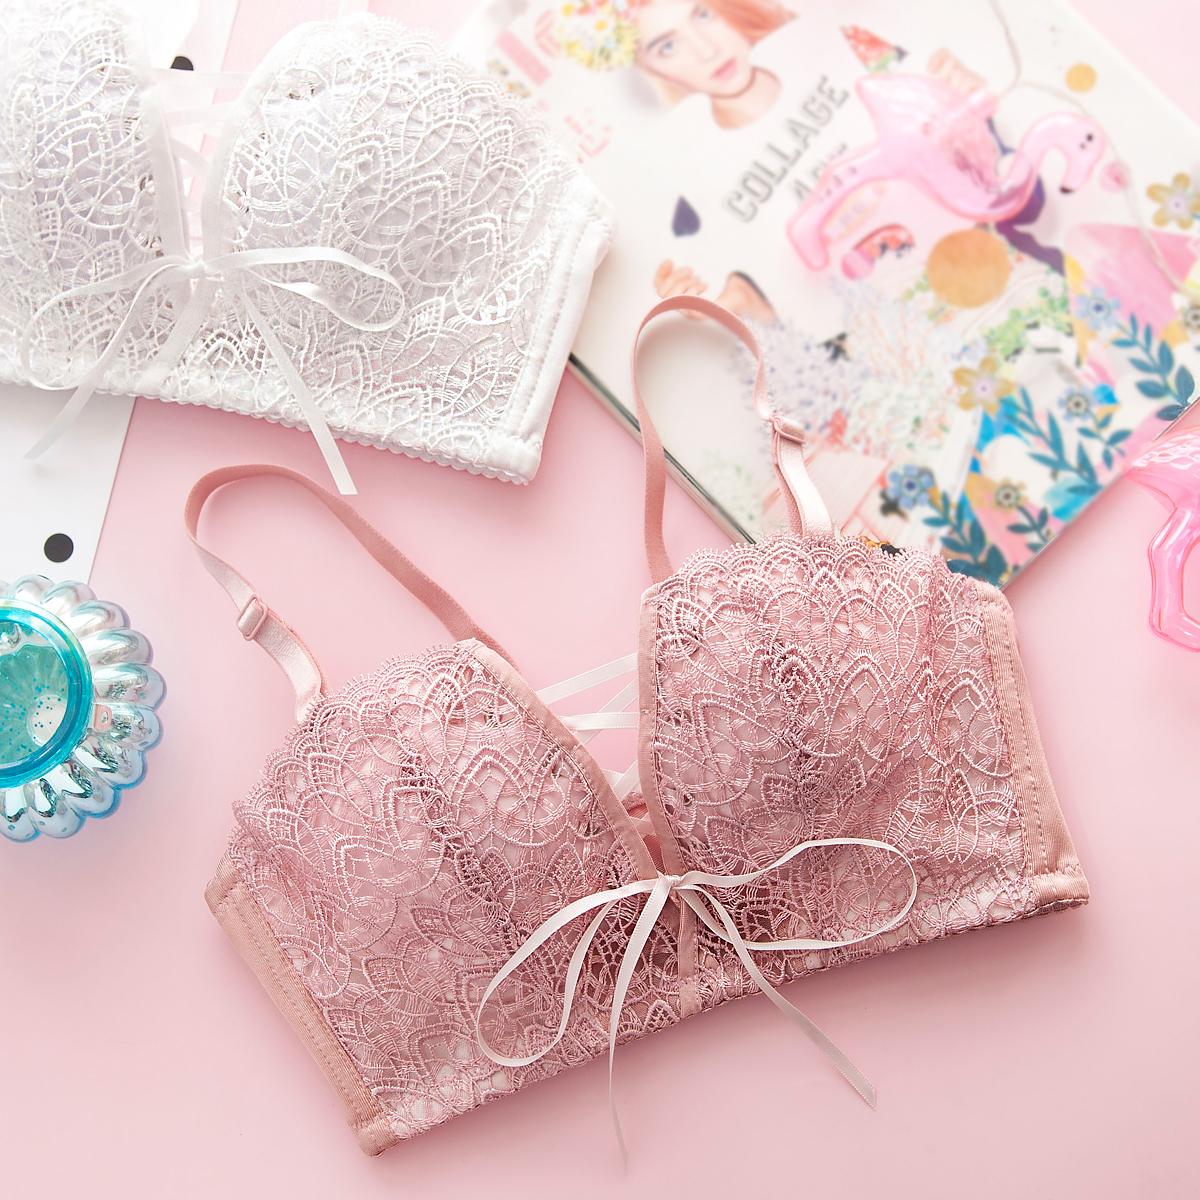 Крахмал саго самоцвет ребенок кружево собирать ларец крышка японский девушка нижнее белье трусы костюм розовый сексуальный на уход бюстгальтер тонкая модель